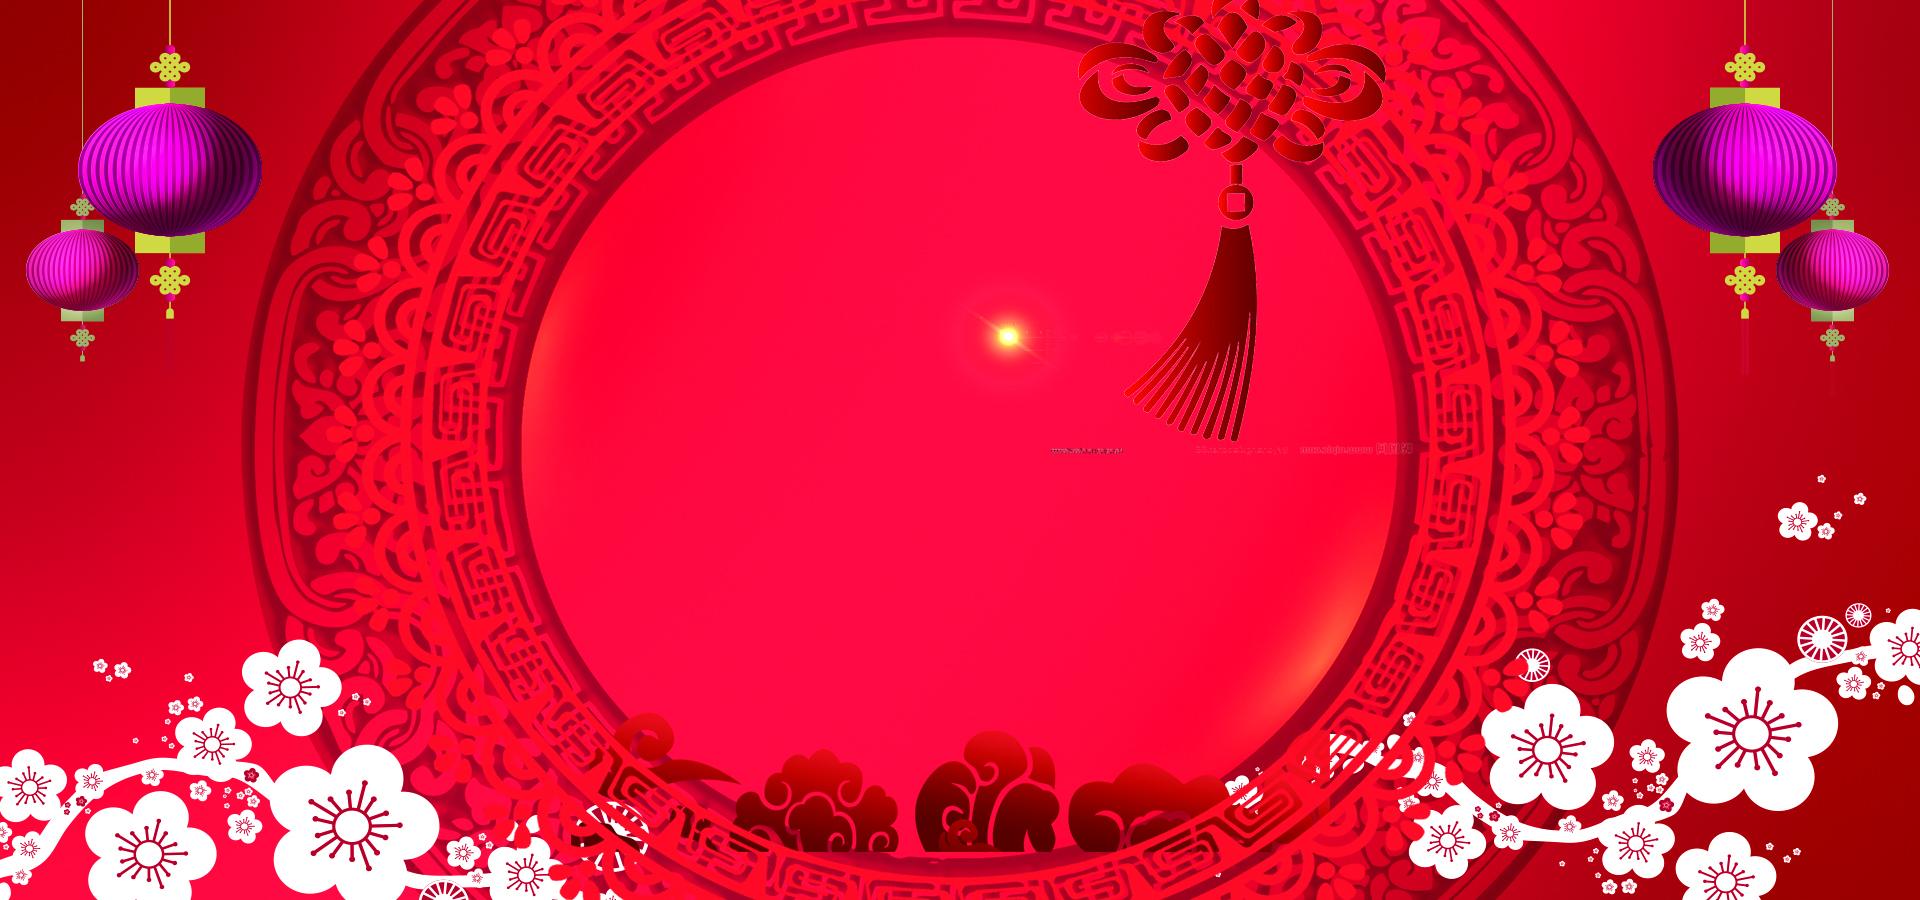 le nouvel an chinois de noeud de fond de commerce